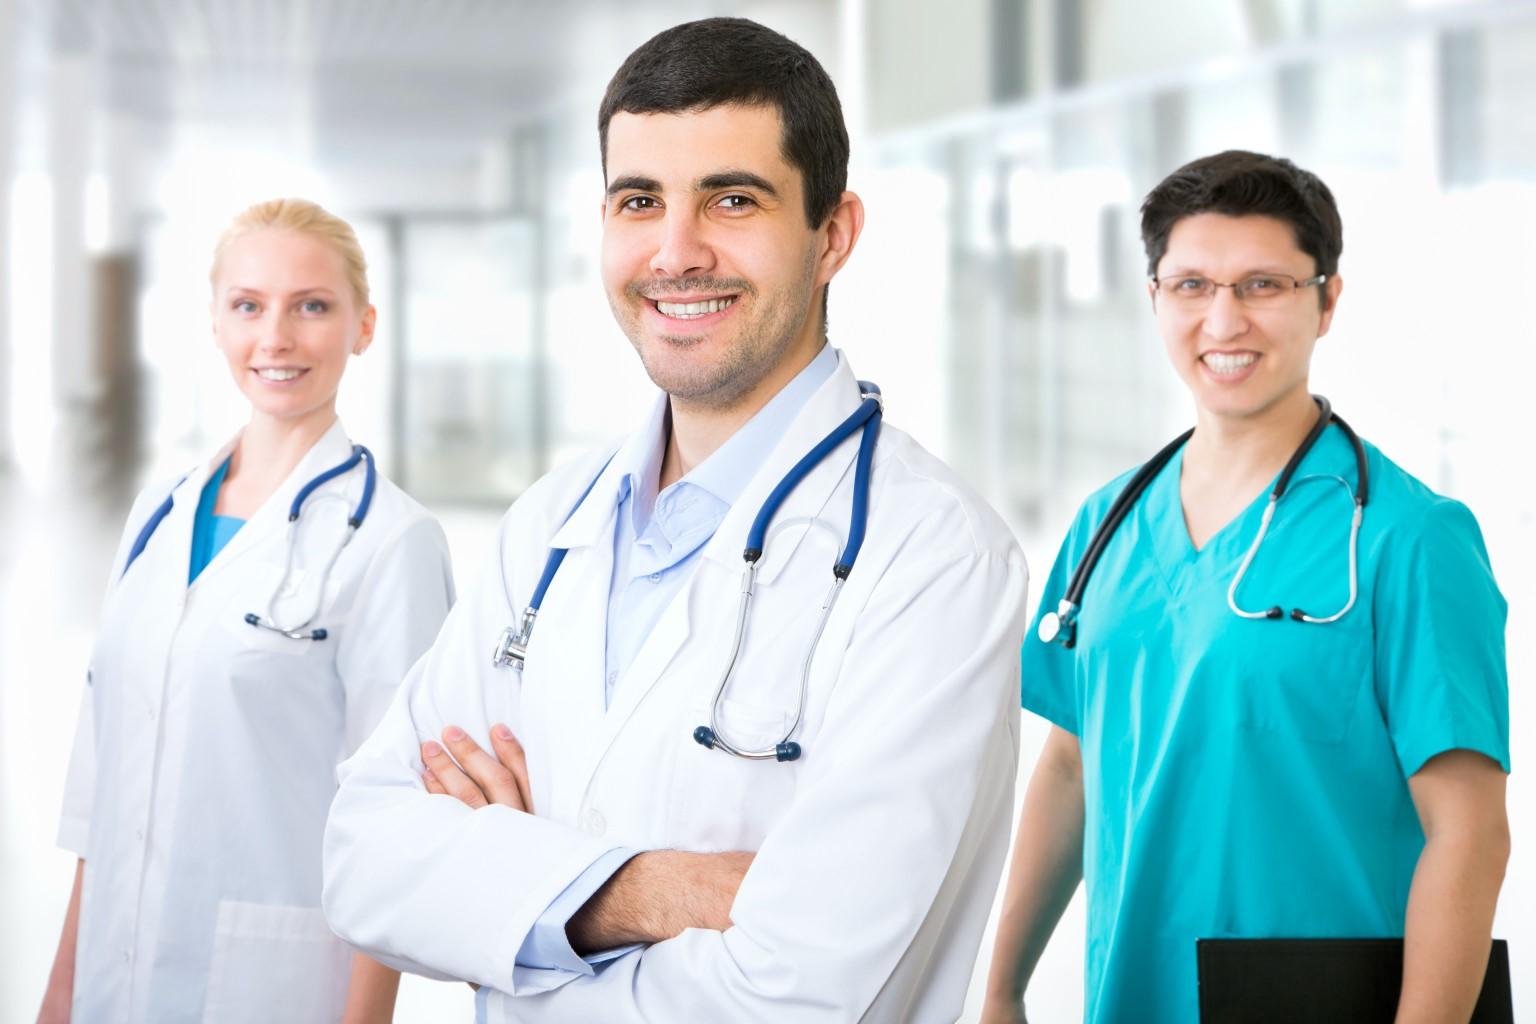 پزشکی شغل پردرآمد کانادا